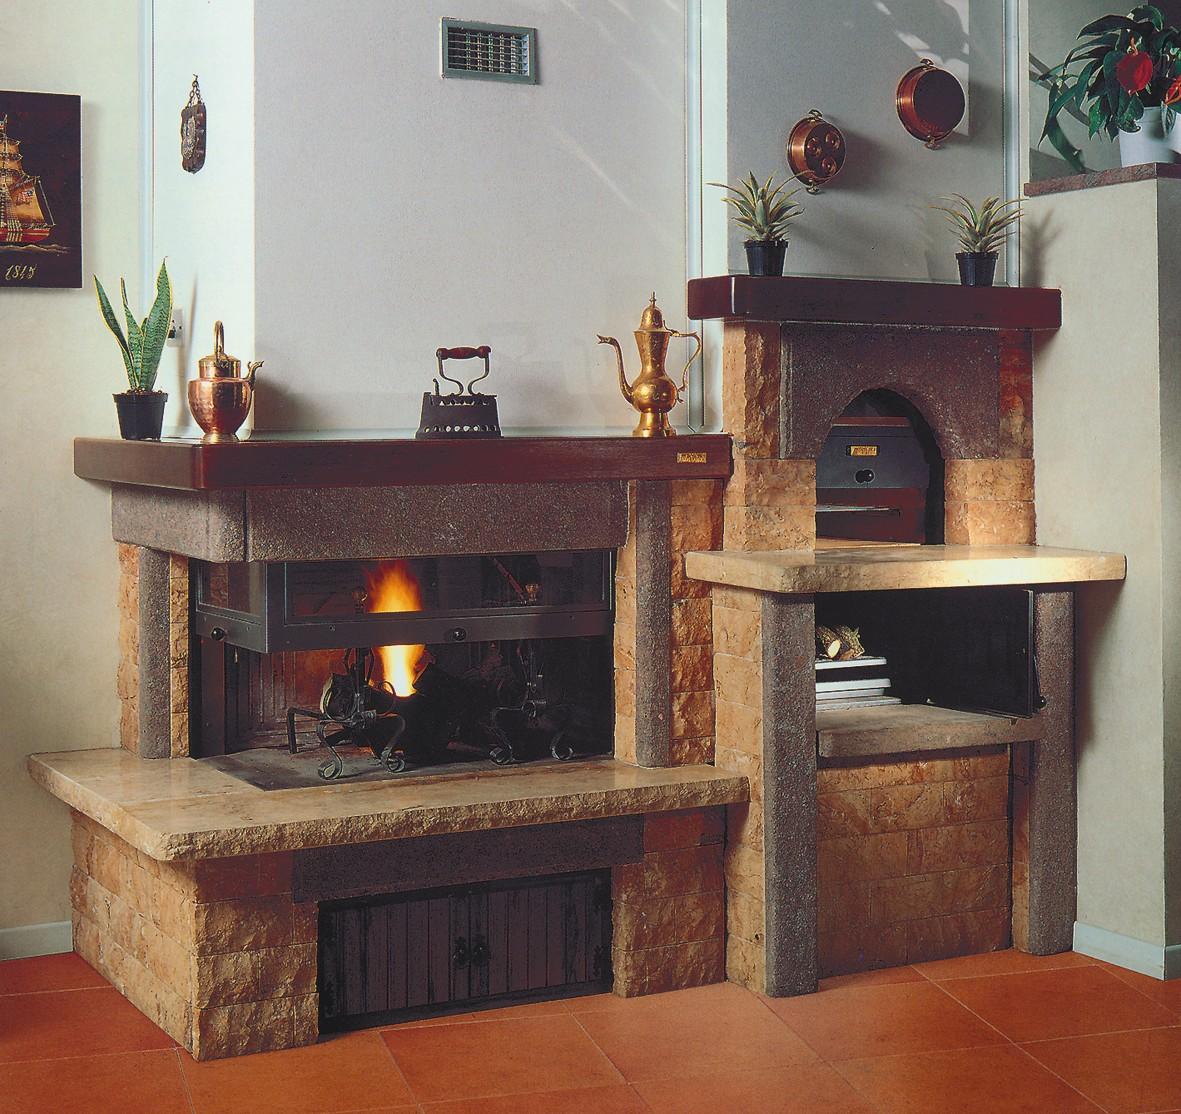 Foto camini caminetto rustico 580 toscana marmi for Camini in legno